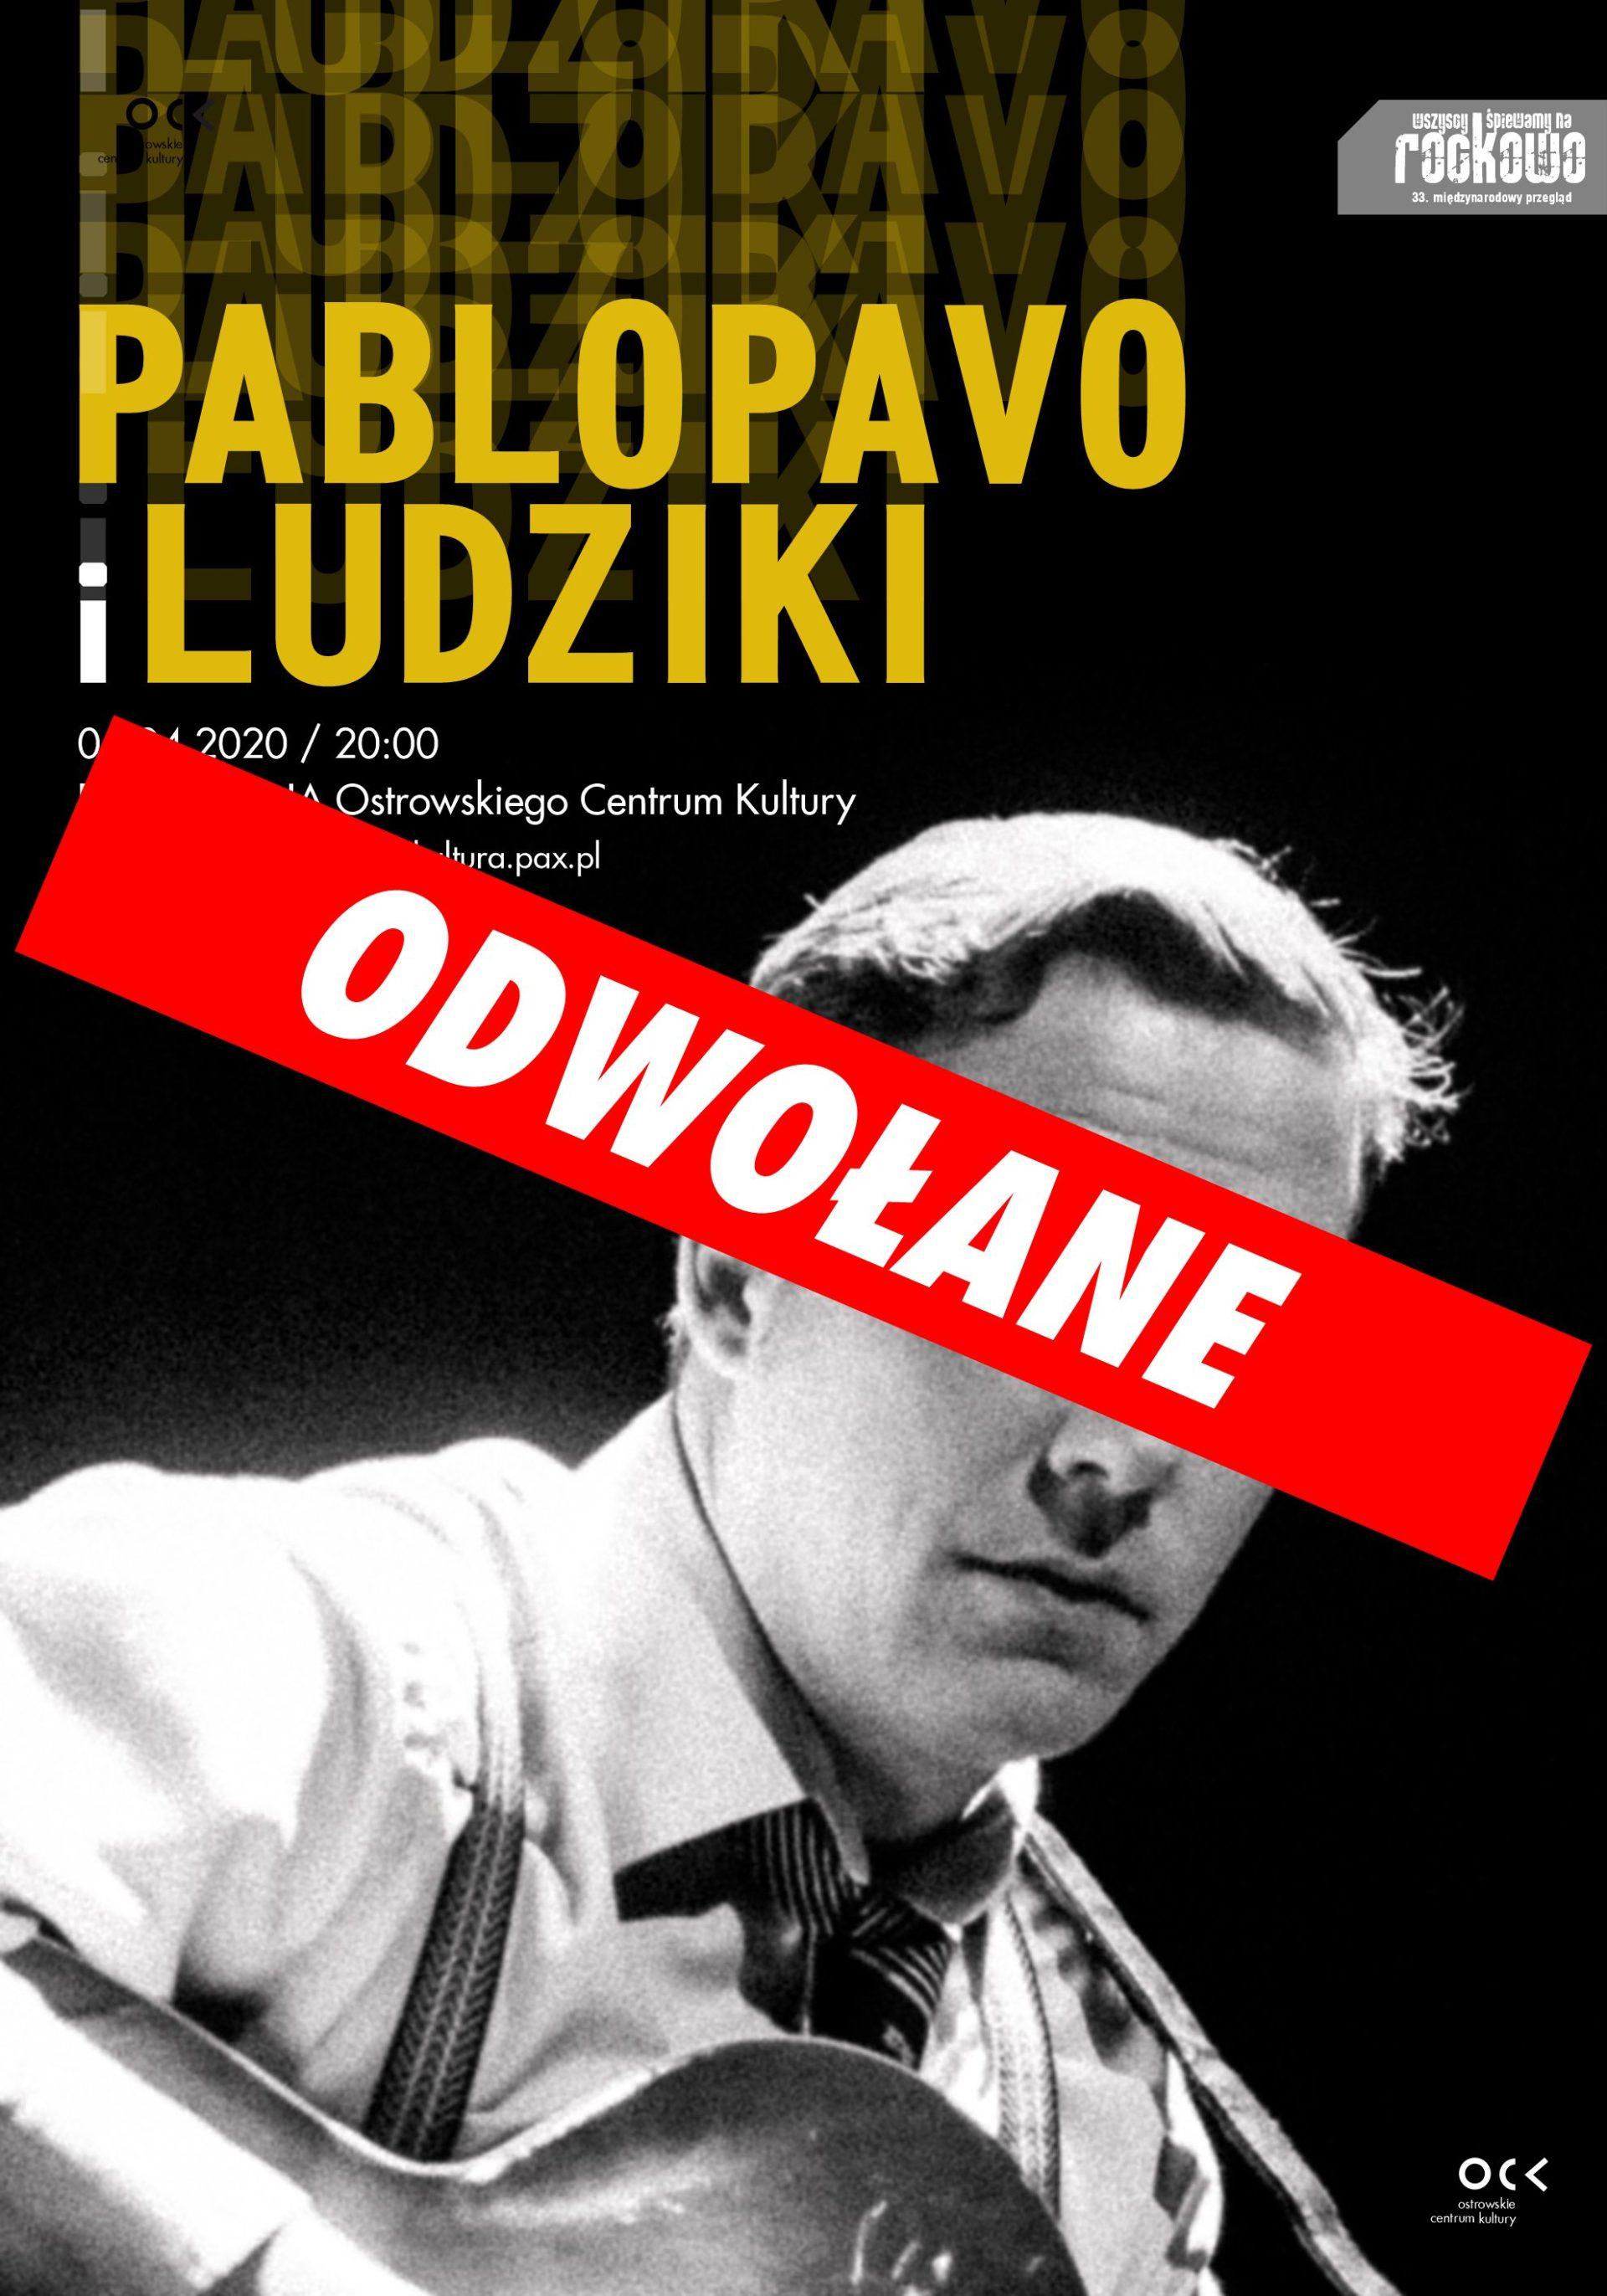 33. WŚnR | Pablopavo i Ludziki